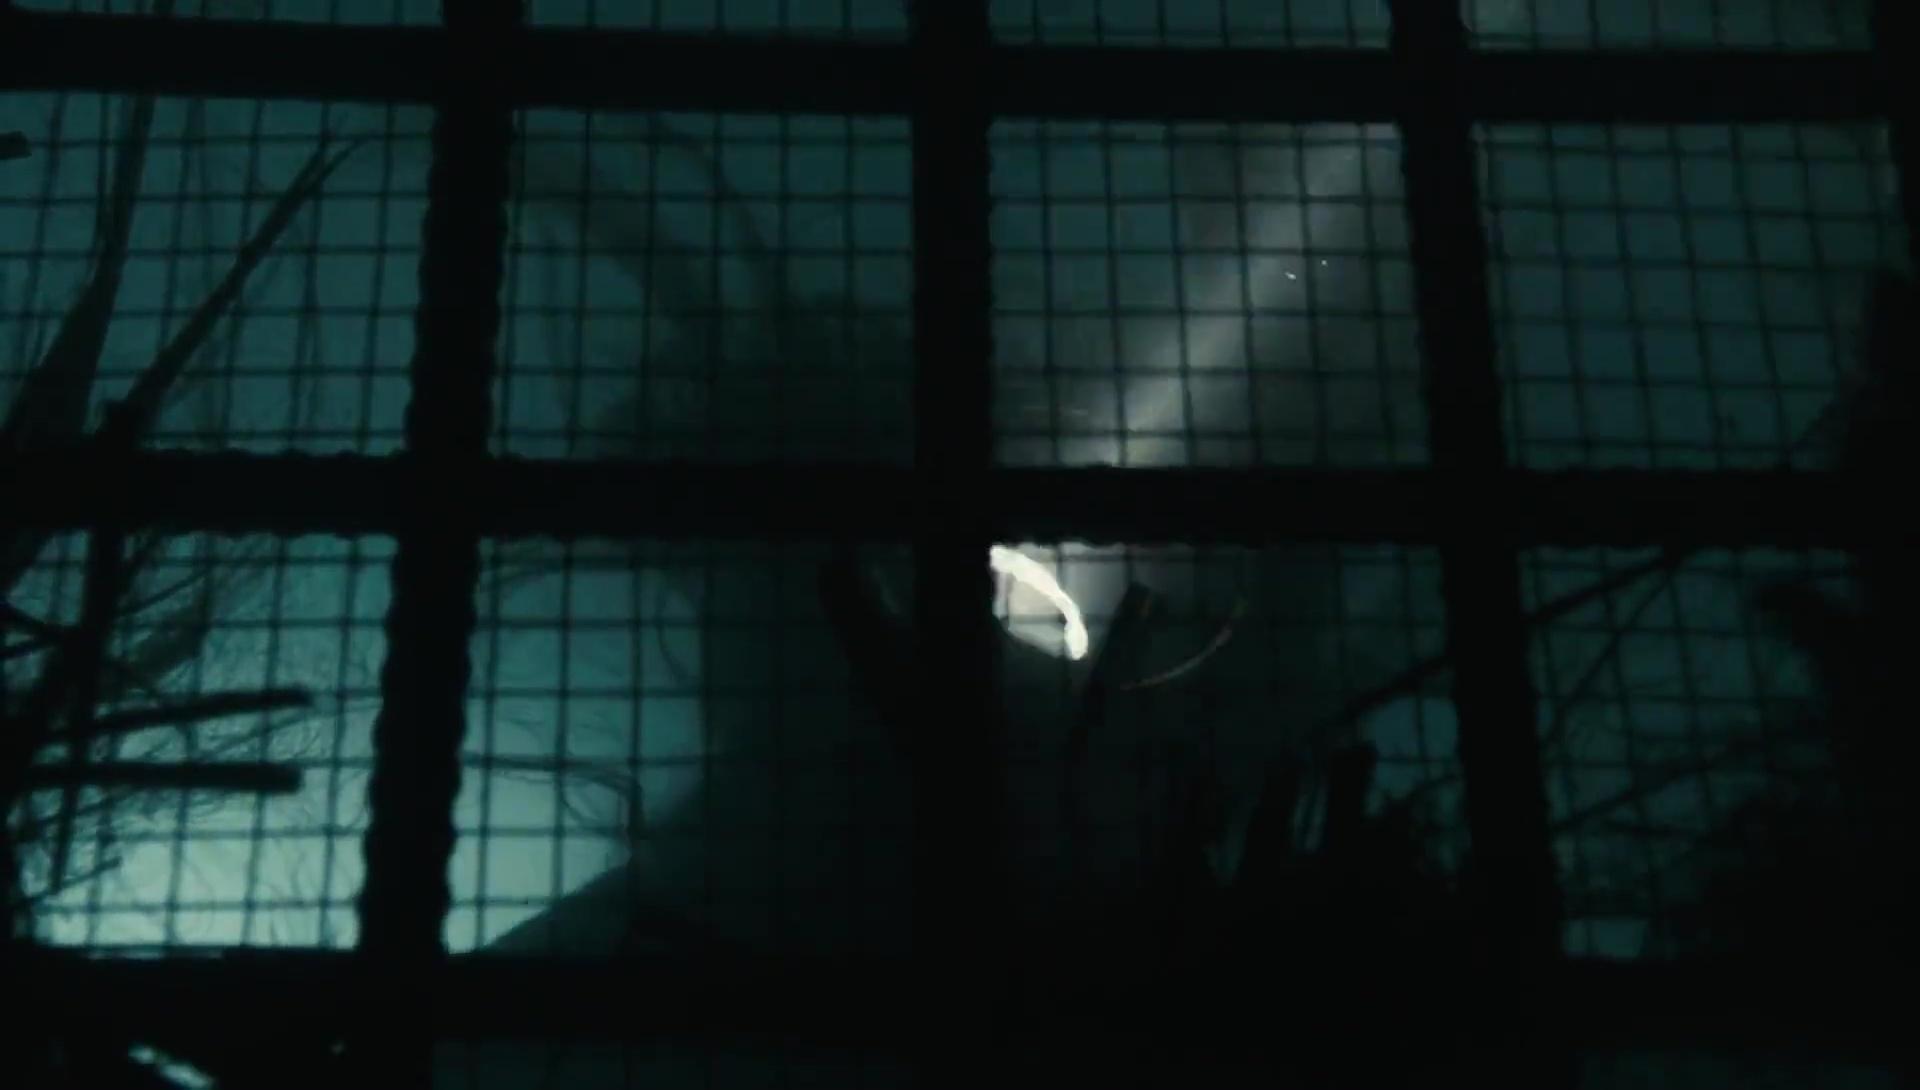 Piraña 2 1080p Lat-Cast-Ing 5.1 (2012)